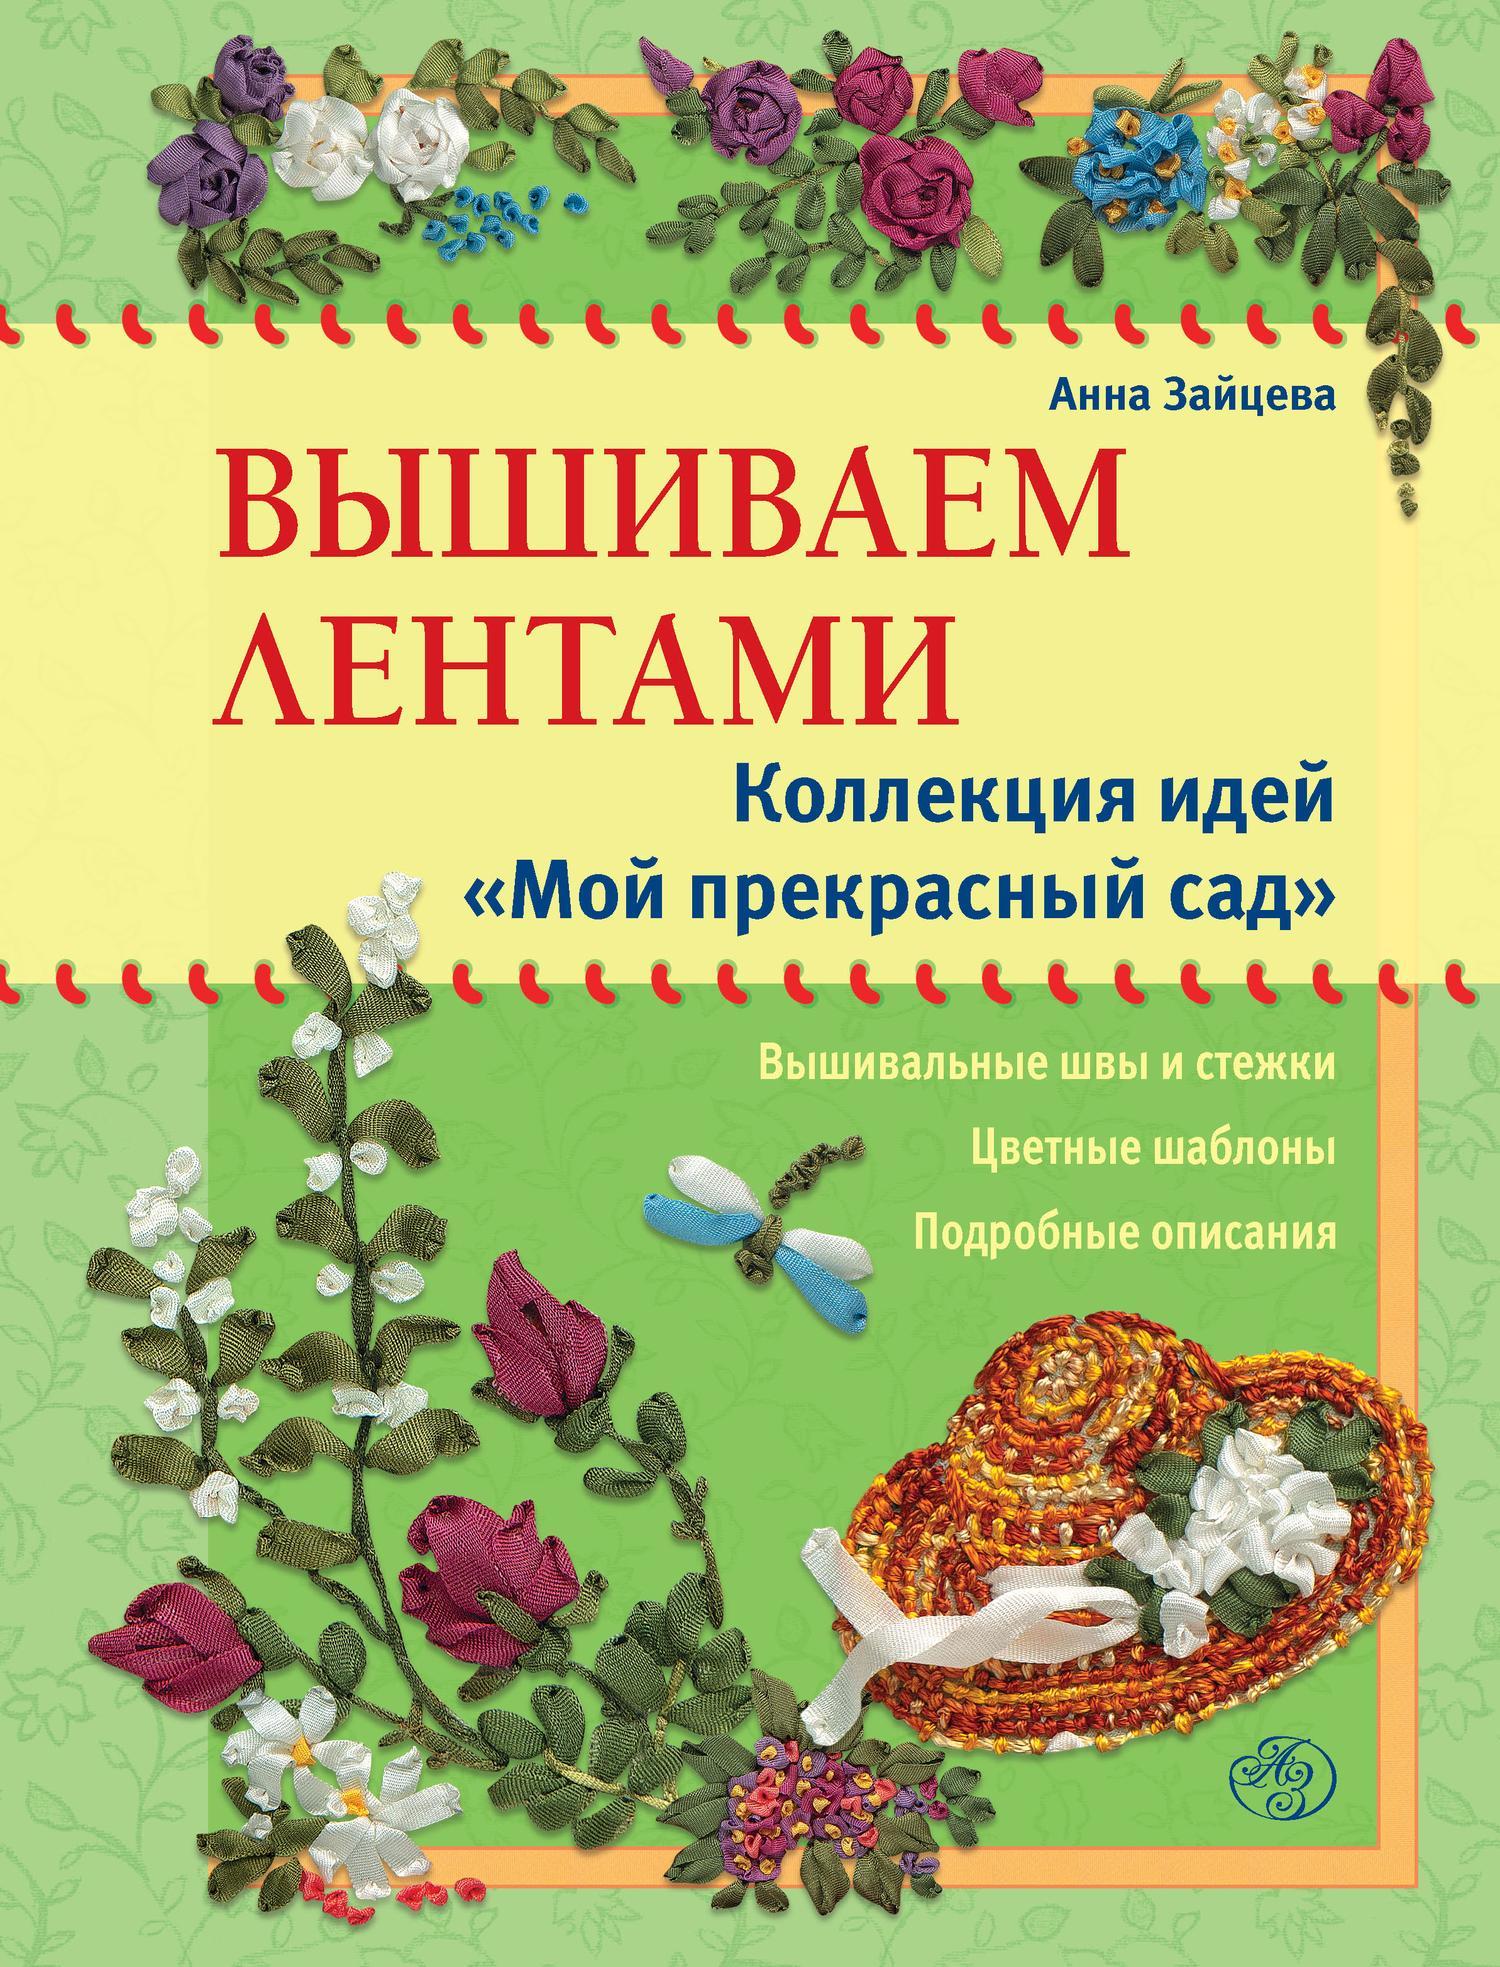 Анна Зайцева Вышиваем лентами. Коллекция идей «Мой прекрасный сад»